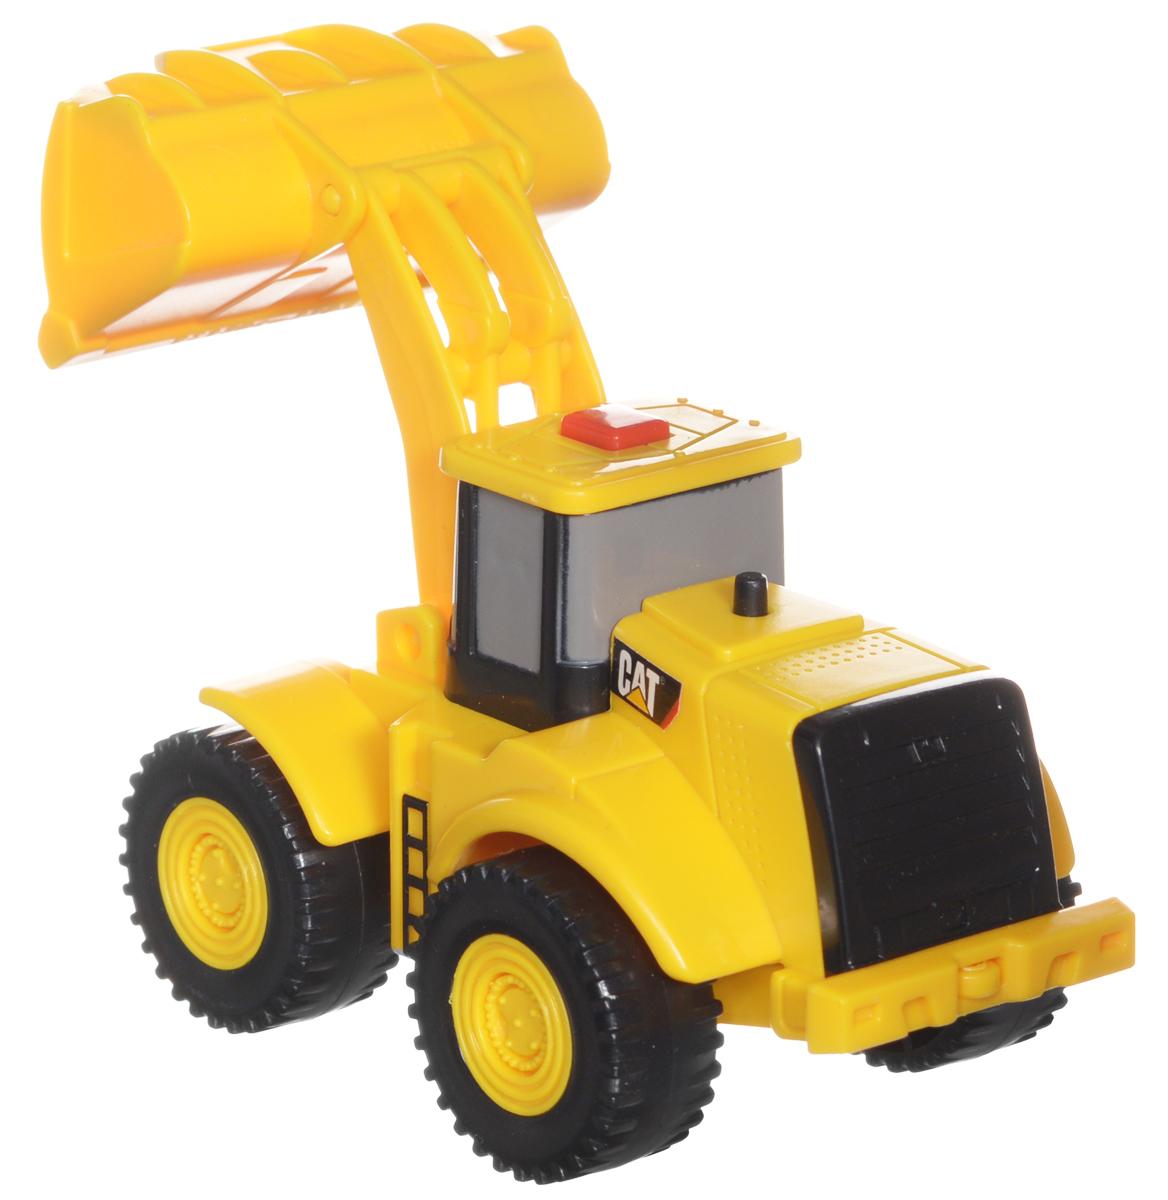 Toystate Погрузчик Flash Rides Cat34696TS_погрузчик Flash RidesПогрузчик Toystate Flash Rides. Cat обязательно привлечет внимание вашего ребенка. Выполнен из прочного пластика черного и желтого цветов. Погрузчик оснащен подвижным ковшом. На крыше располагается красная кнопка. При нажатии на нее воспроизводятся различные звуки, а также загораются две лампочки в верхней части кабины. Малыш проведет с этой игрушкой много увлекательных часов, воспроизводя свою стройку. Ваш ребенок будет в восторге от такого подарка! Рекомендуется докупить 2 батарейки напряжением 1,5V типа LR44 (товар комплектуется демонстрационными).